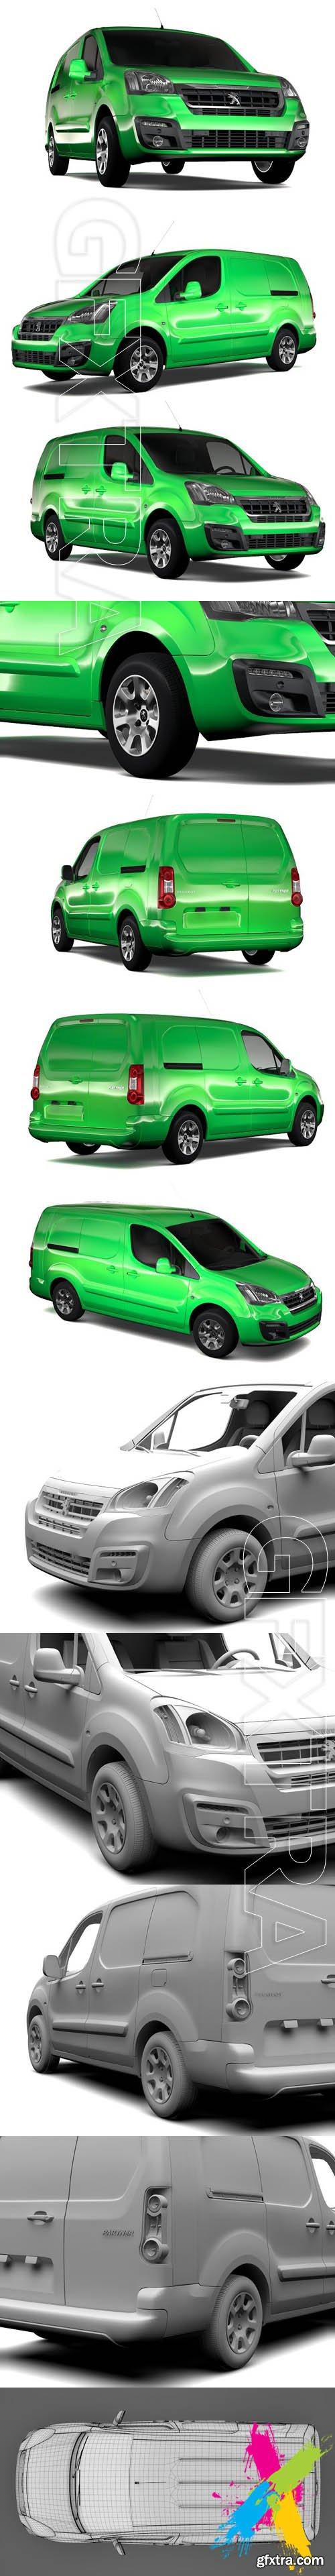 CreativeMarket - Peugeot Partner Van L2 2slidedoors 1844408